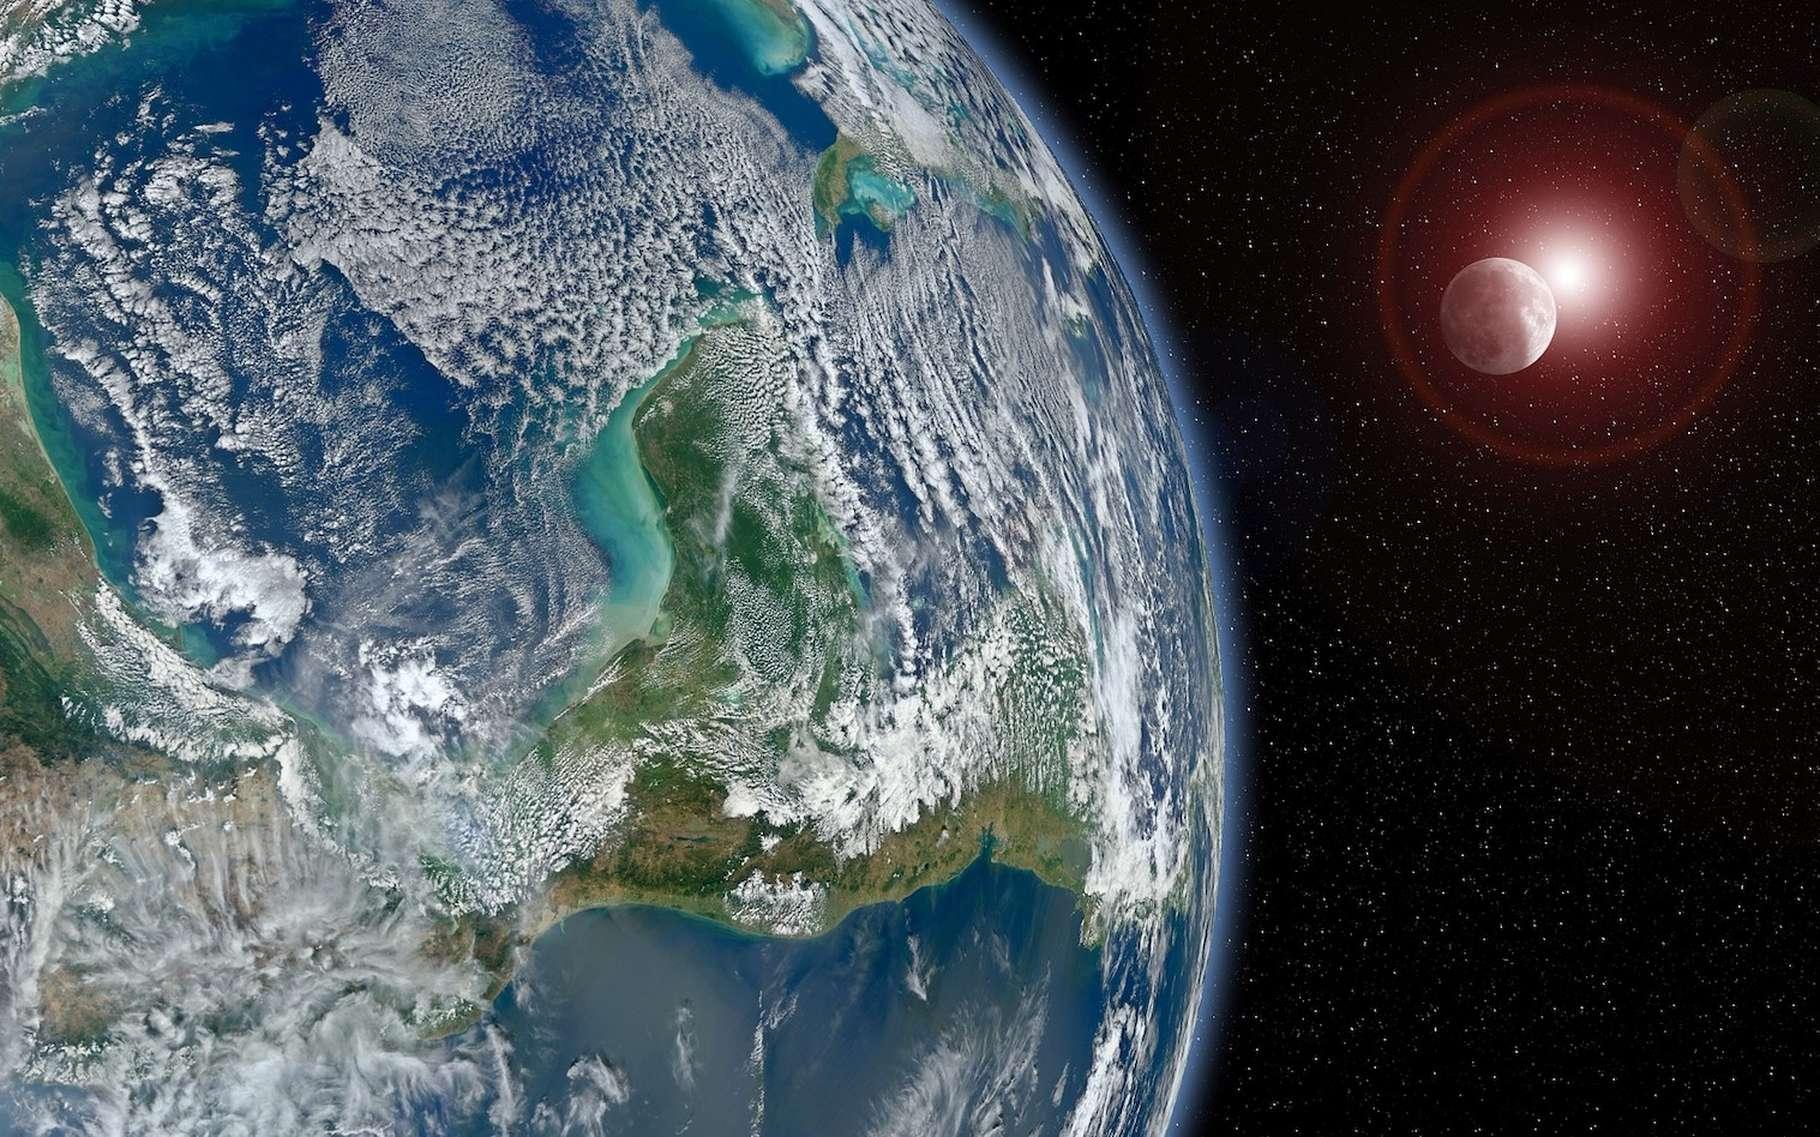 Des physiciens estiment que malgré la faiblesse de leur intensité, les forces de marée dues aux planètes sont capables d'influer sur l'activité du Soleil. © Buddy_Nath, Pixabay License